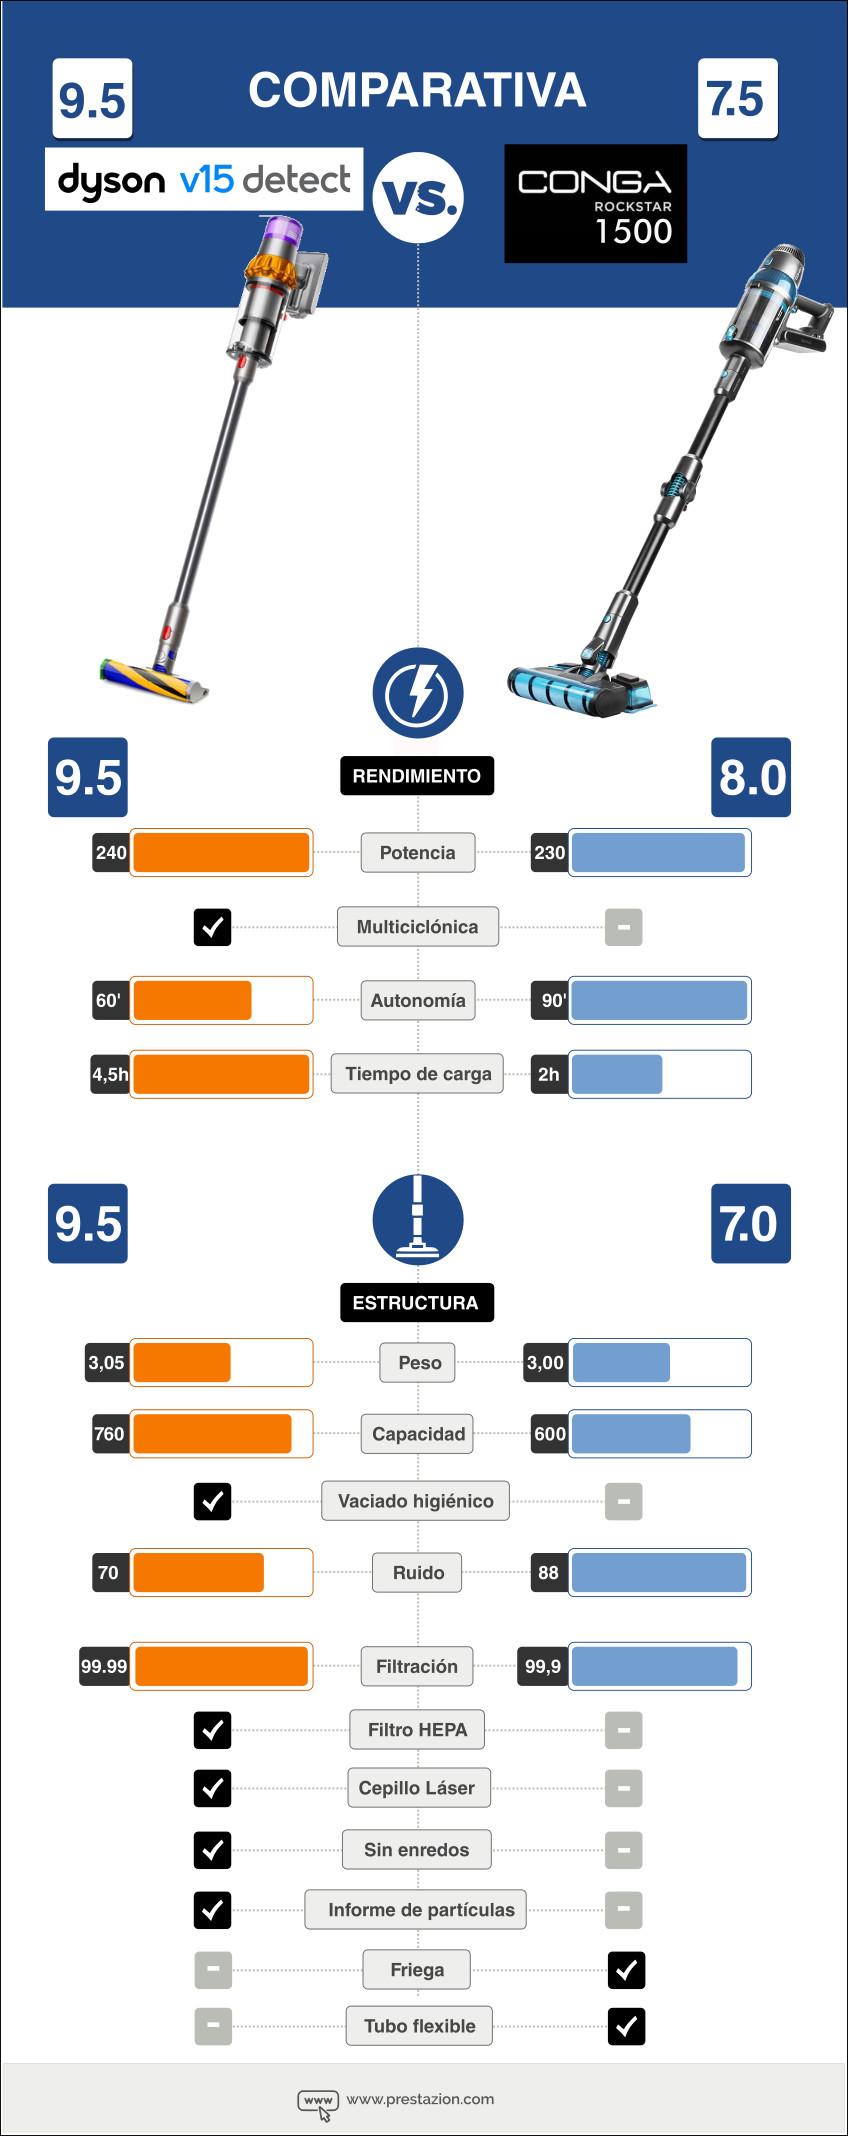 Infografia Comparativa características técnicas (Dyson v15 detect vs Conga Rockstar 1500 )